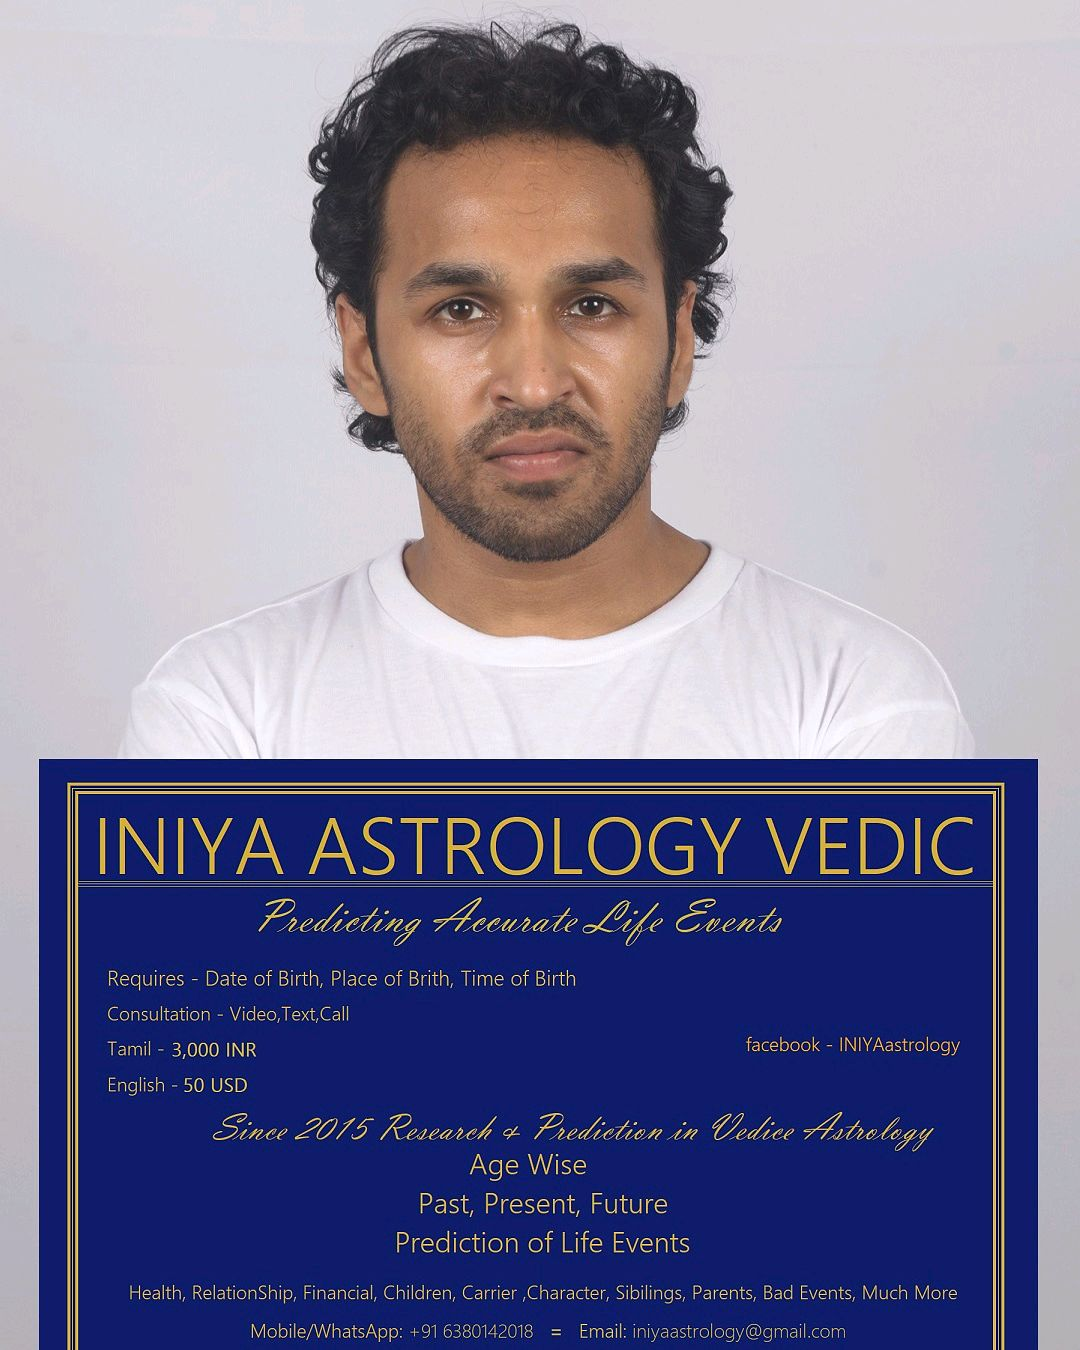 Uploaded by @INIYA-Astrology